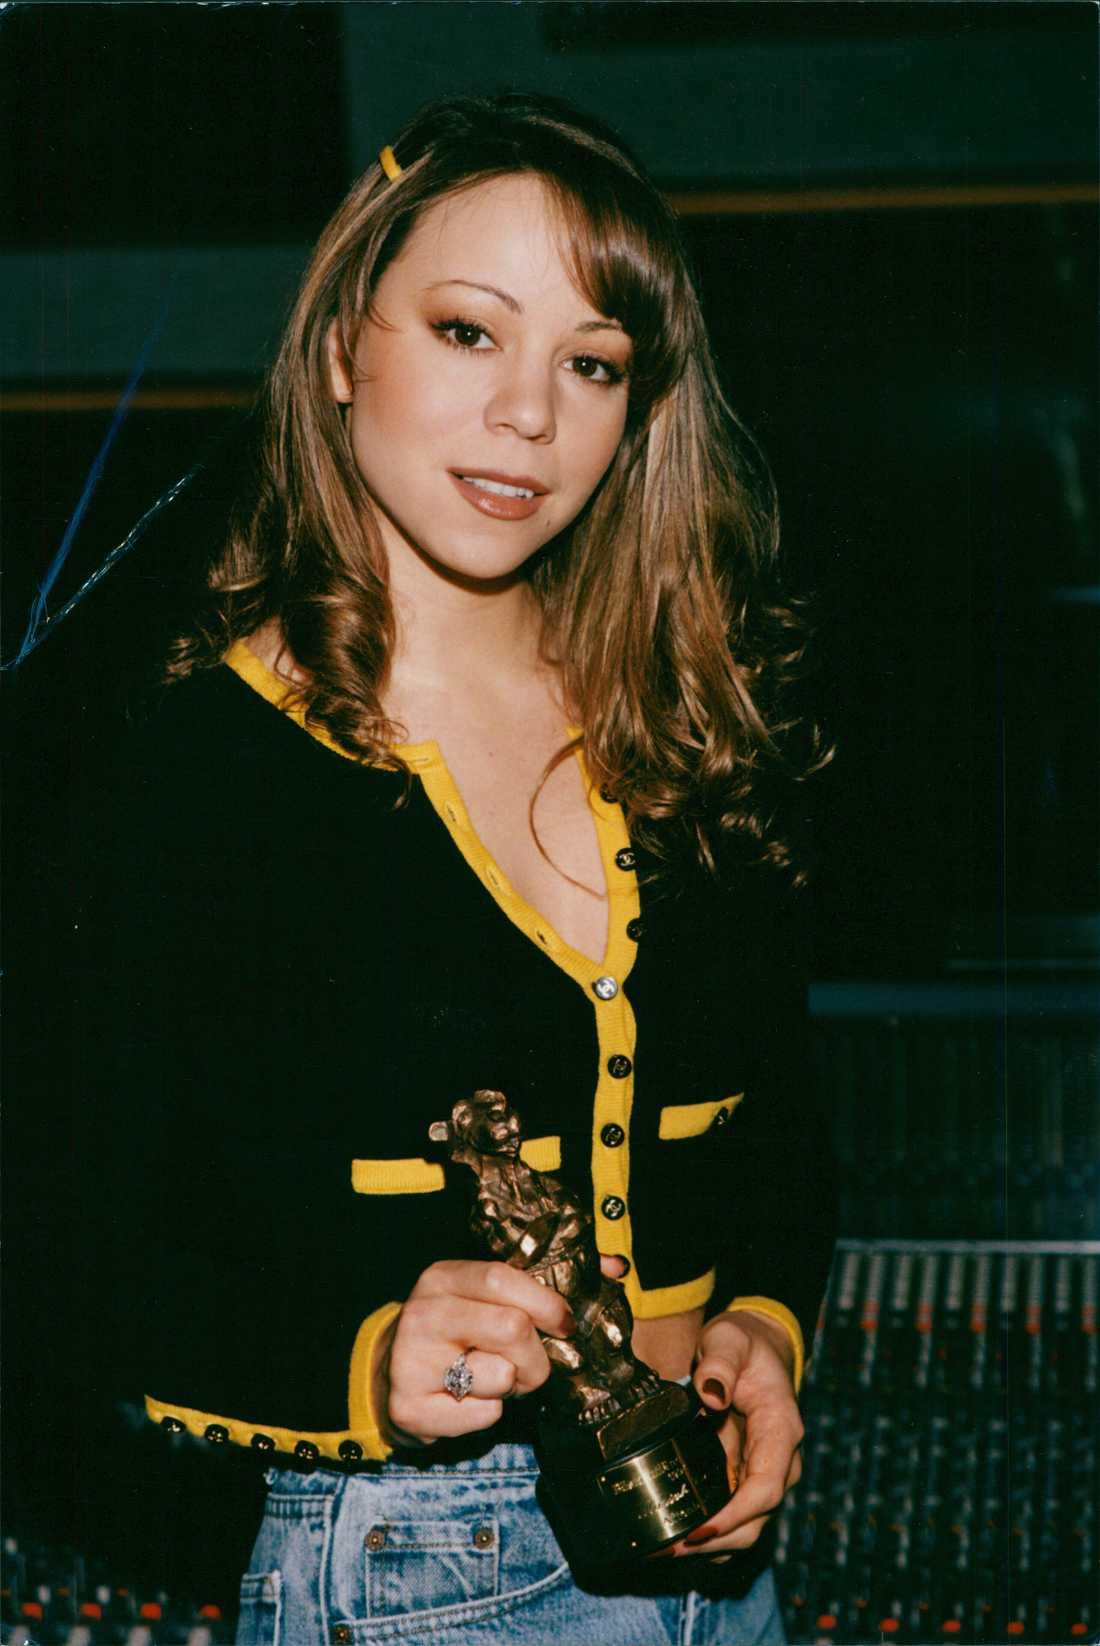 Årets utländska artist 1994. Mariah Carey kan posera bättre än alla andra med i princip vad som helst. Inte ens Rockbjörnen får henne att tappa fattningen.